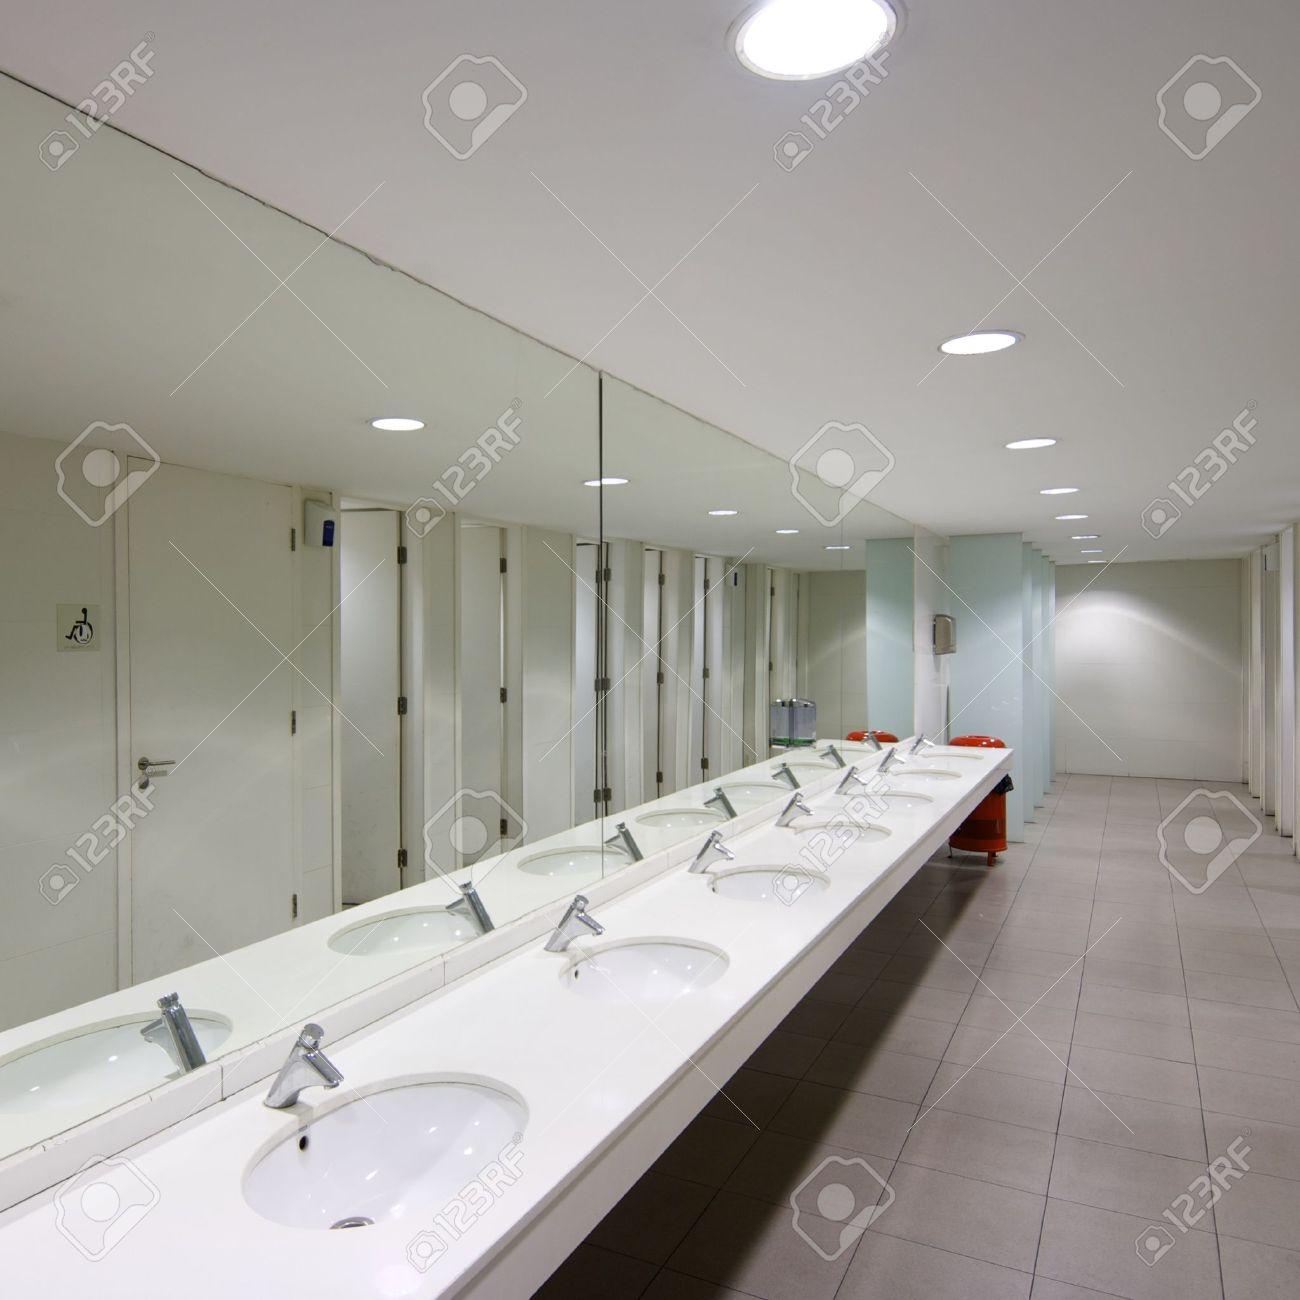 Public Bathroom Mirror public restroom stock photos & pictures. royalty free public